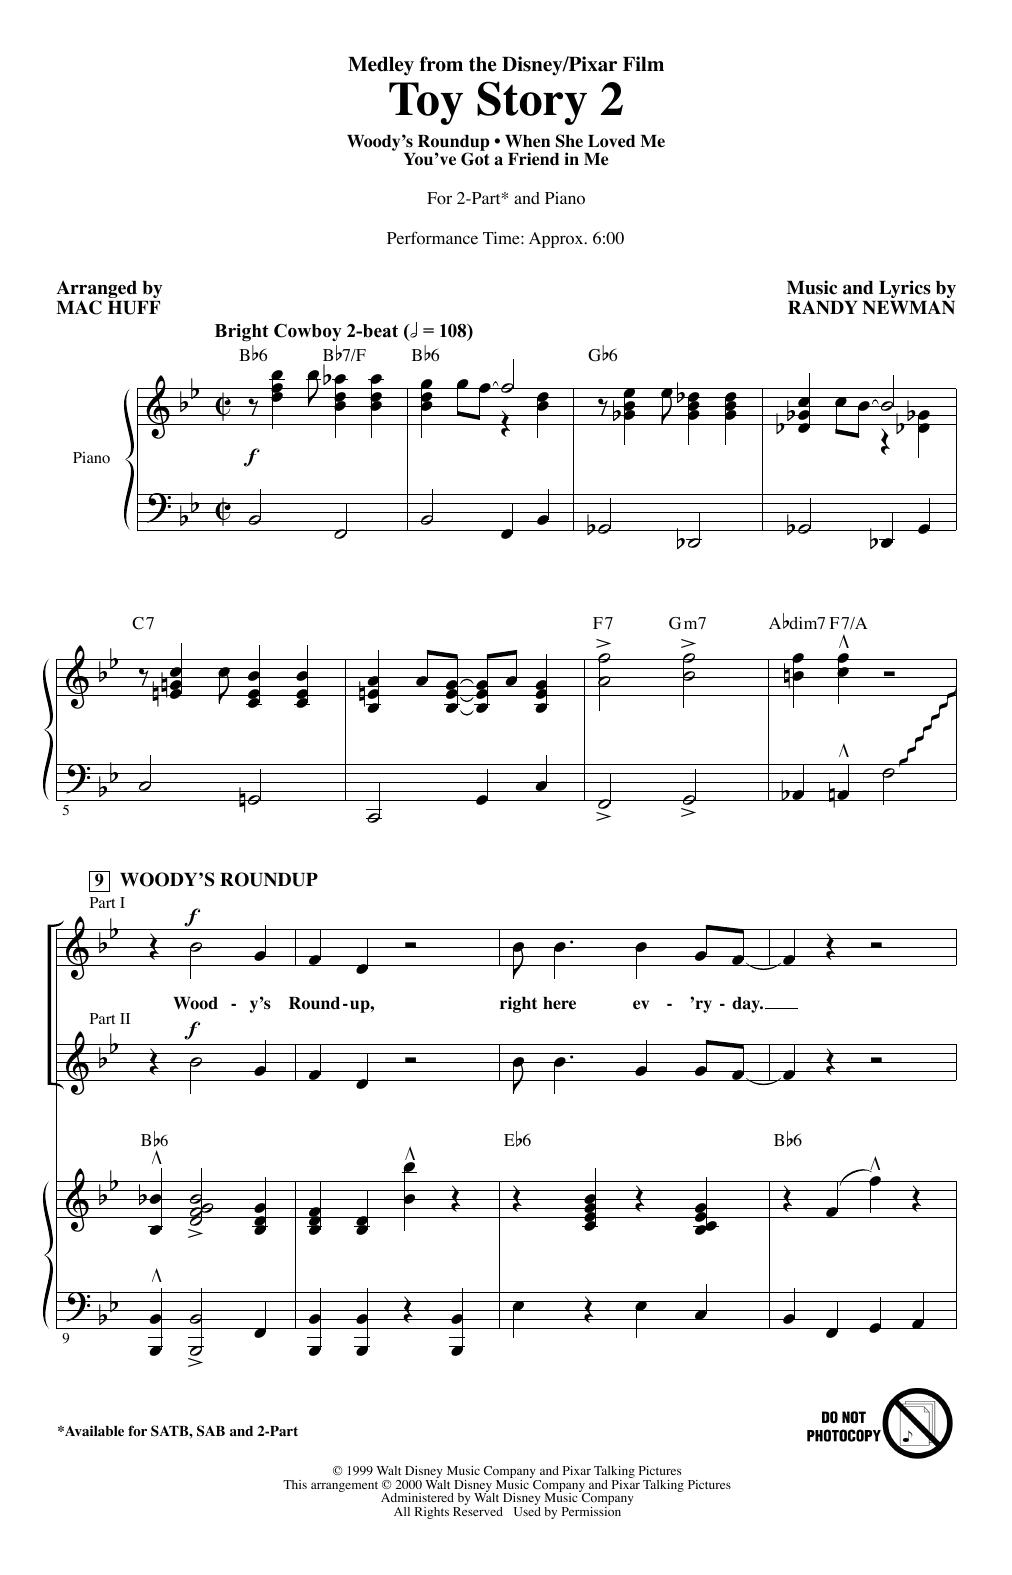 Toy Story 2 (Medley) (arr. Mac Huff) (2-Part Choir)